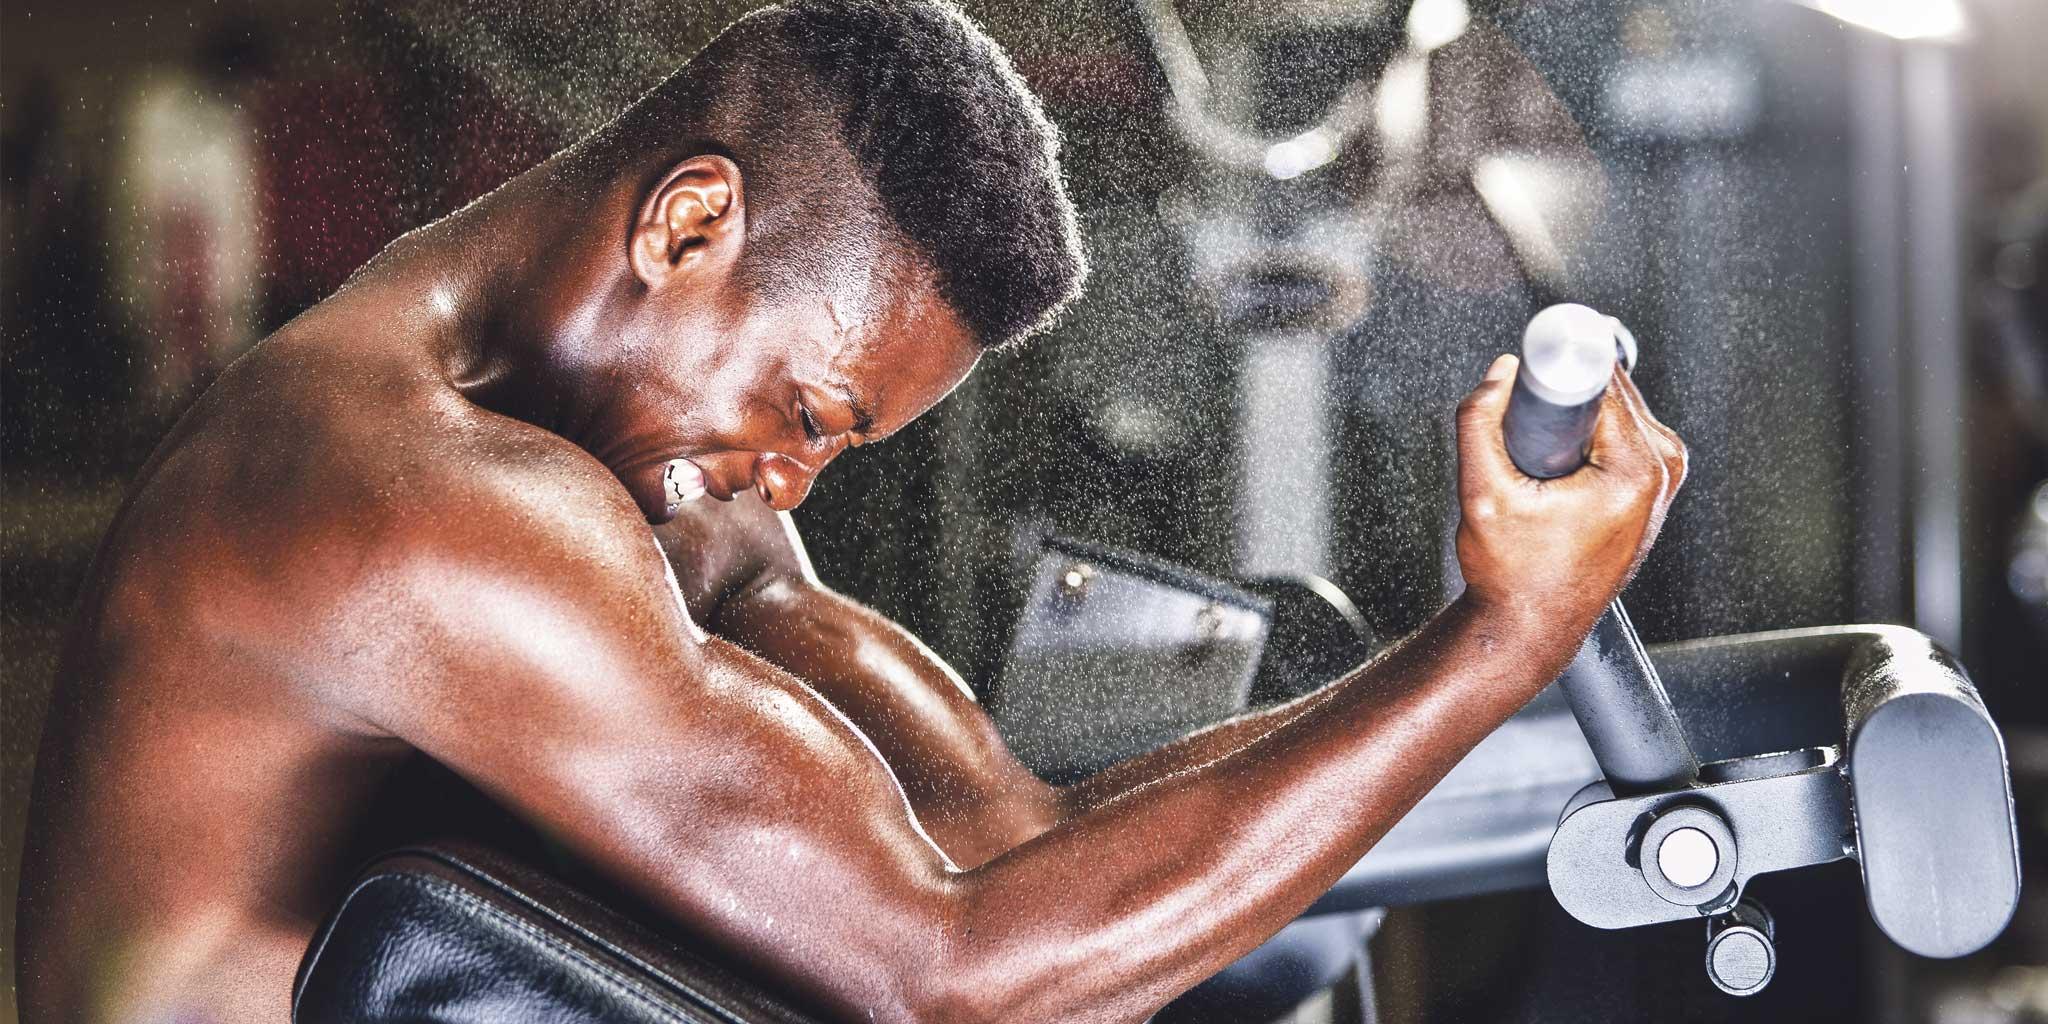 Zwarte man in de fitness